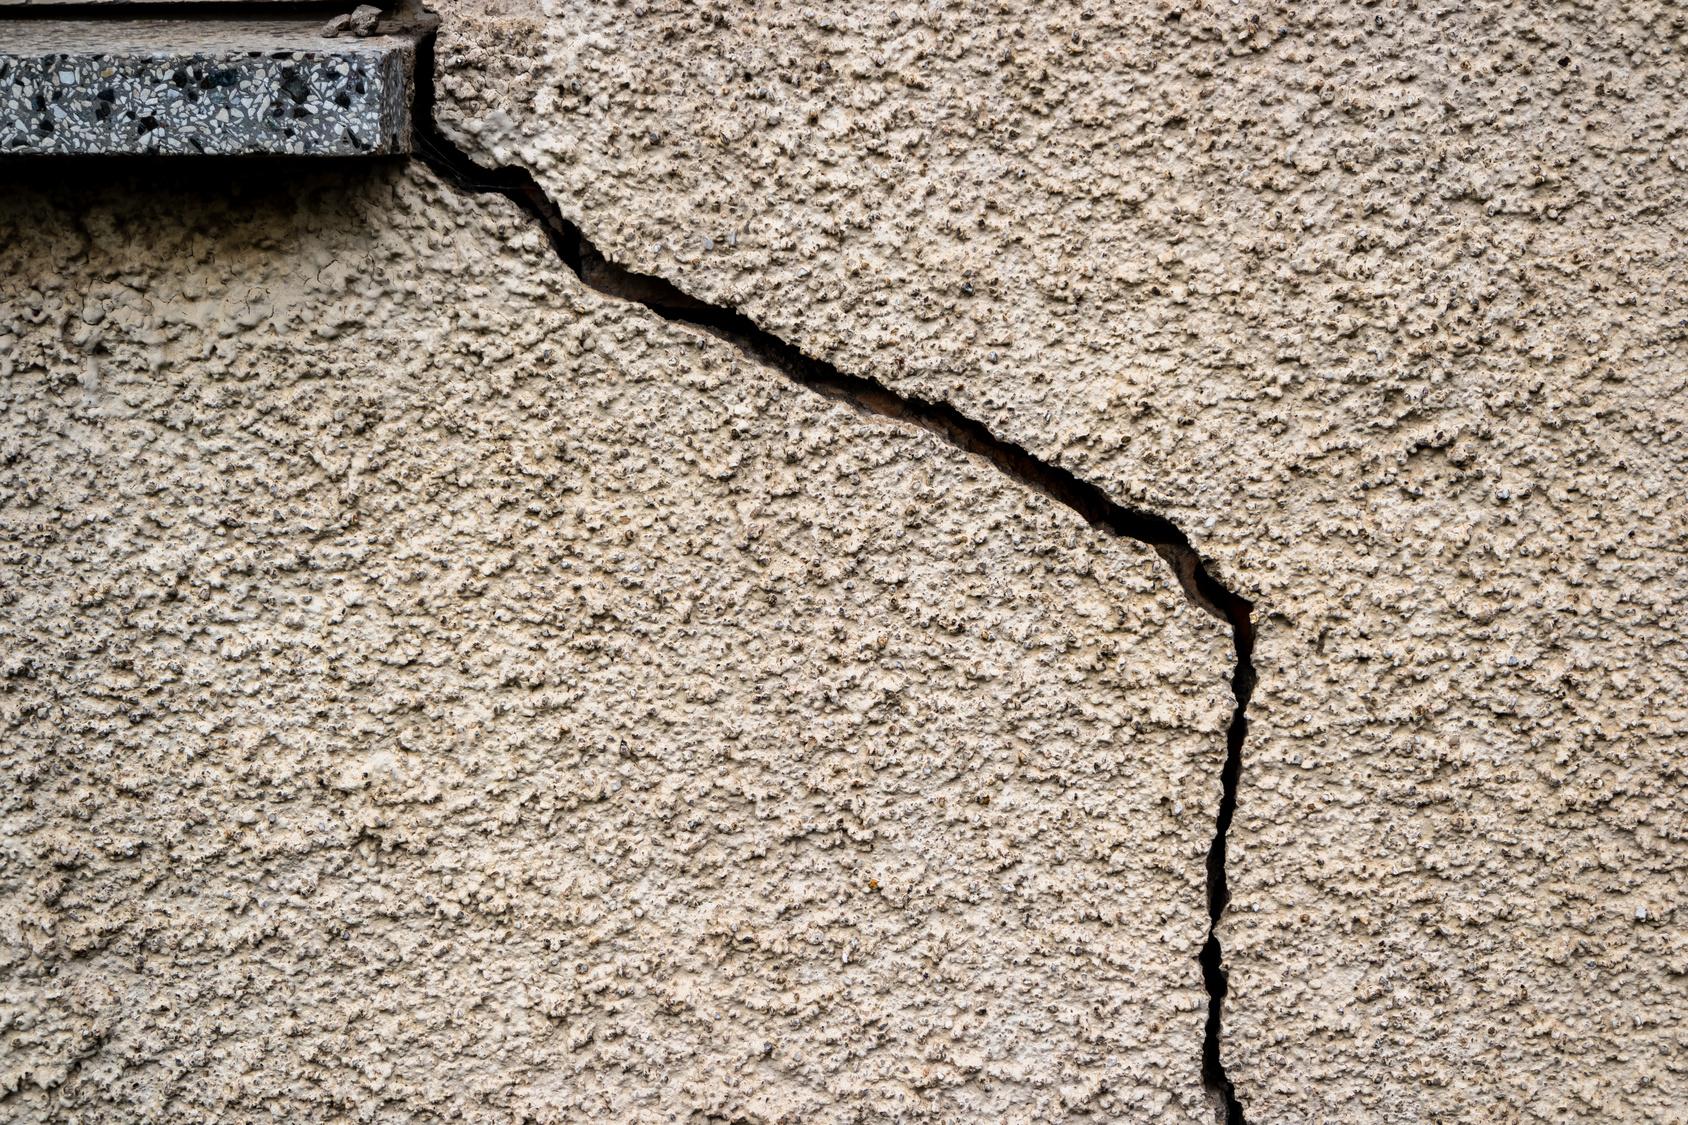 Rparer la fissure dun mur - travaux-maconneriefr